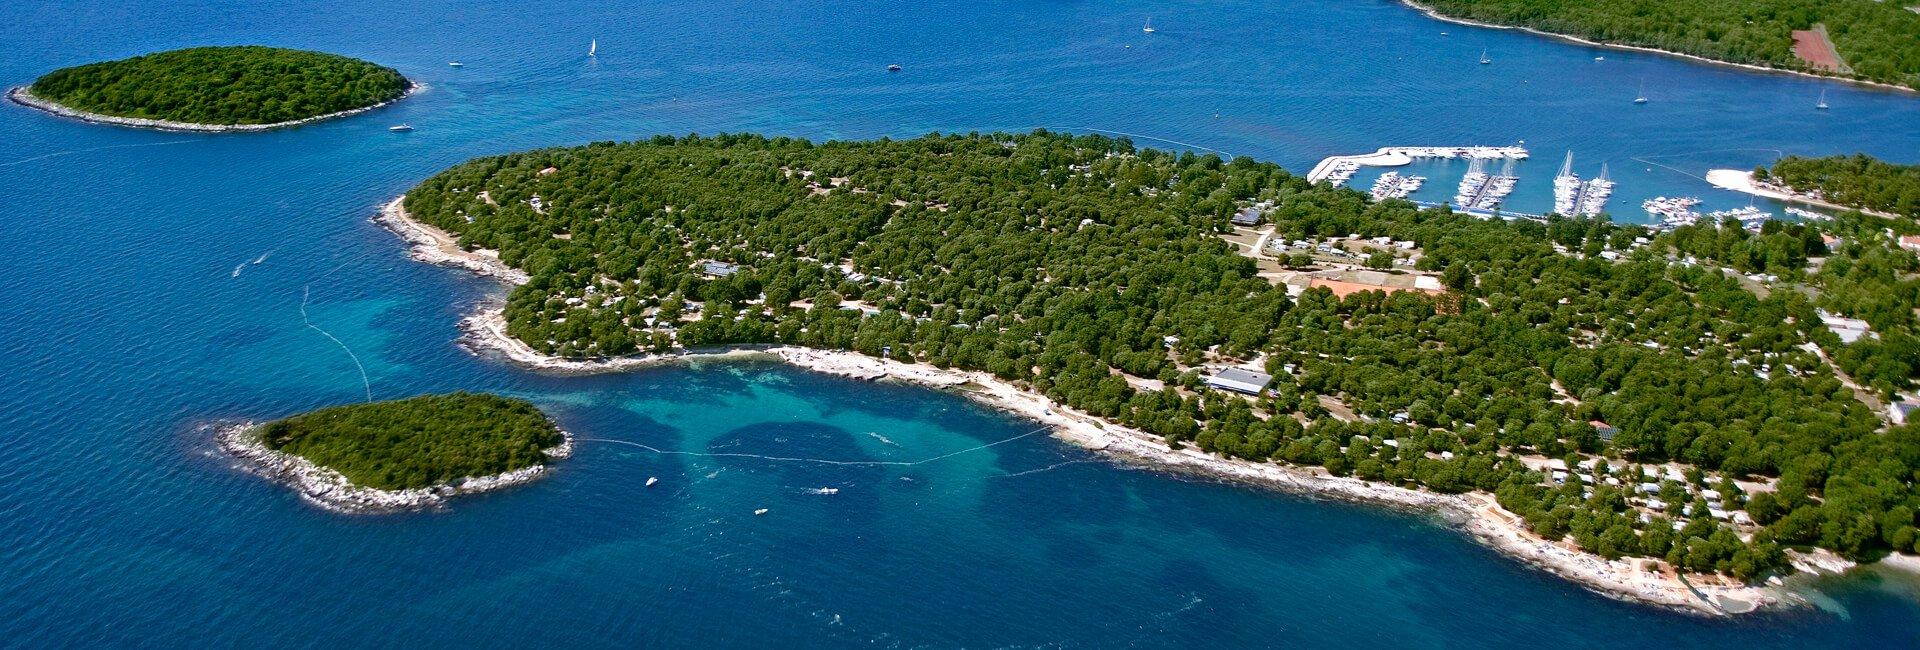 FKK Campingplatz Istra